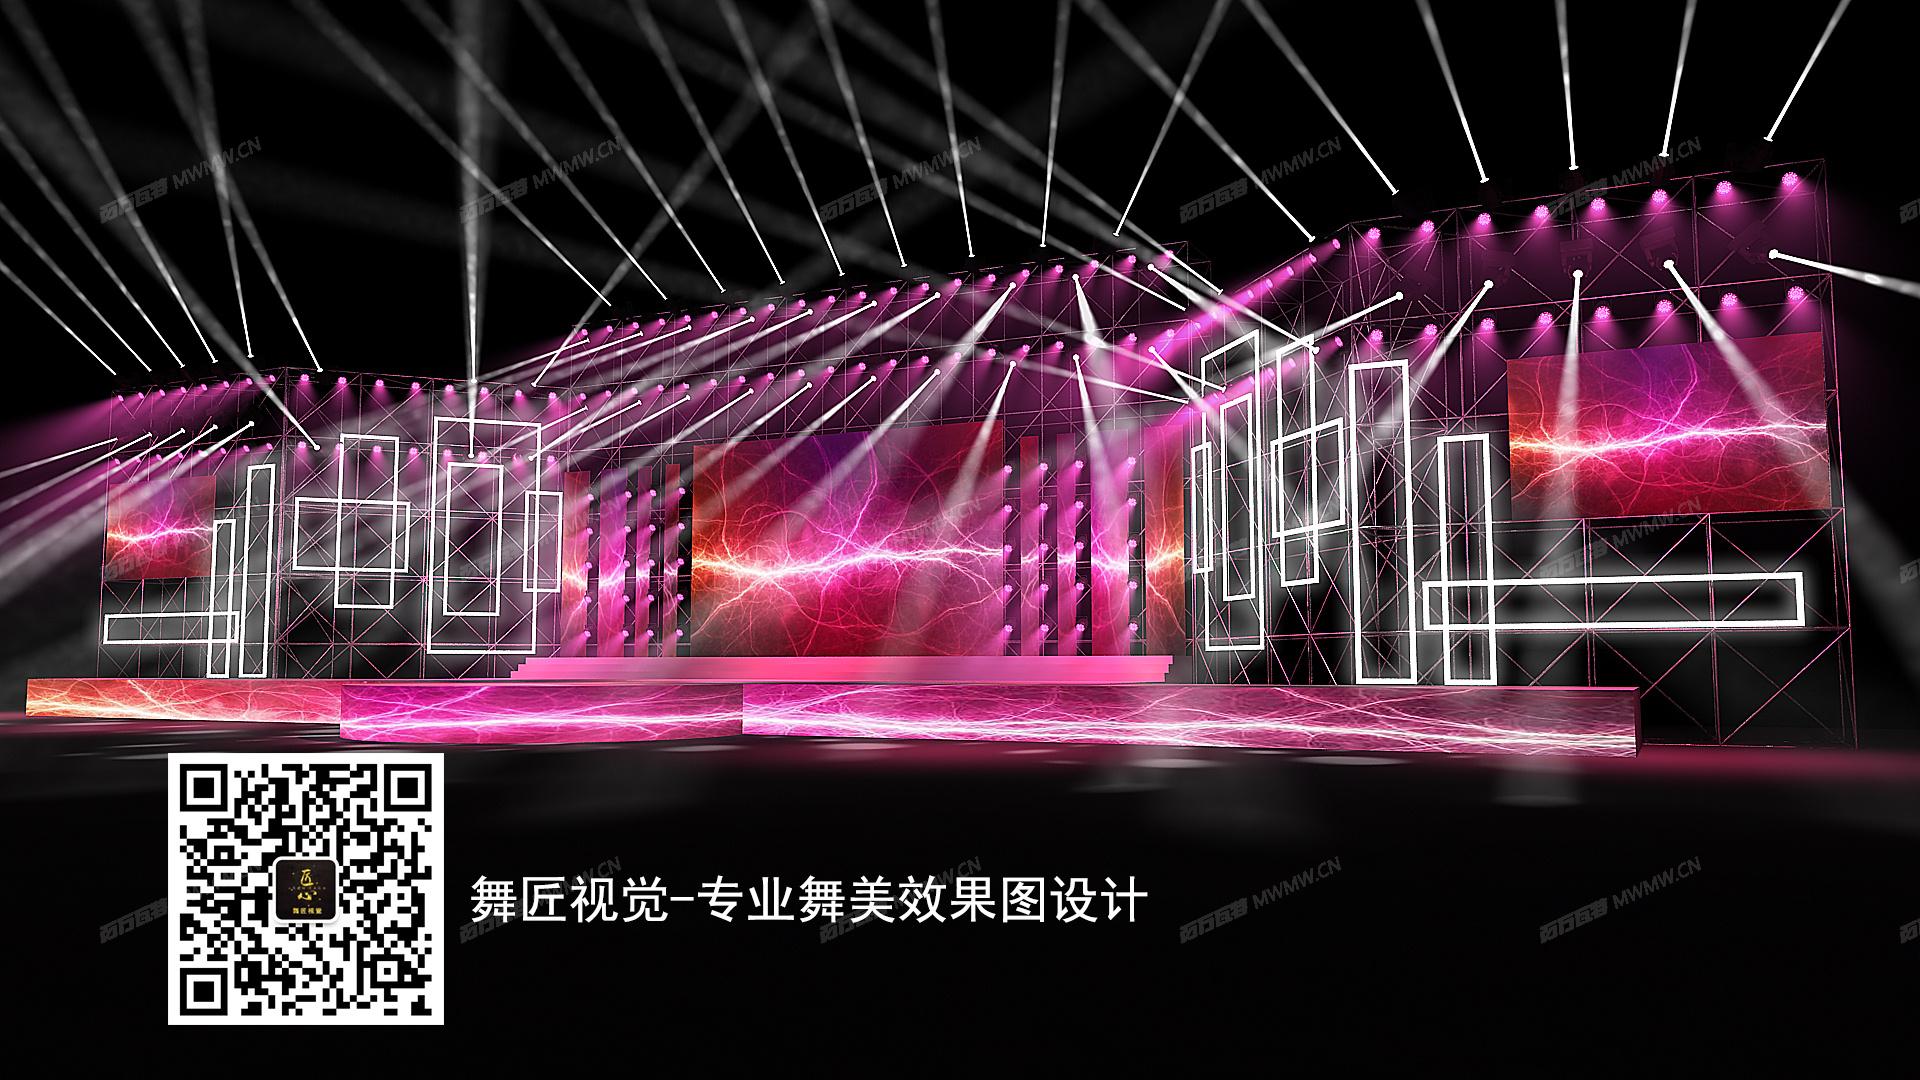 麦田舞美设计 舞美咖 演唱会舞美 演唱会舞台 演唱会设计 舞台效果图 舞美效果图 舞美设计定制 舞台设计定制